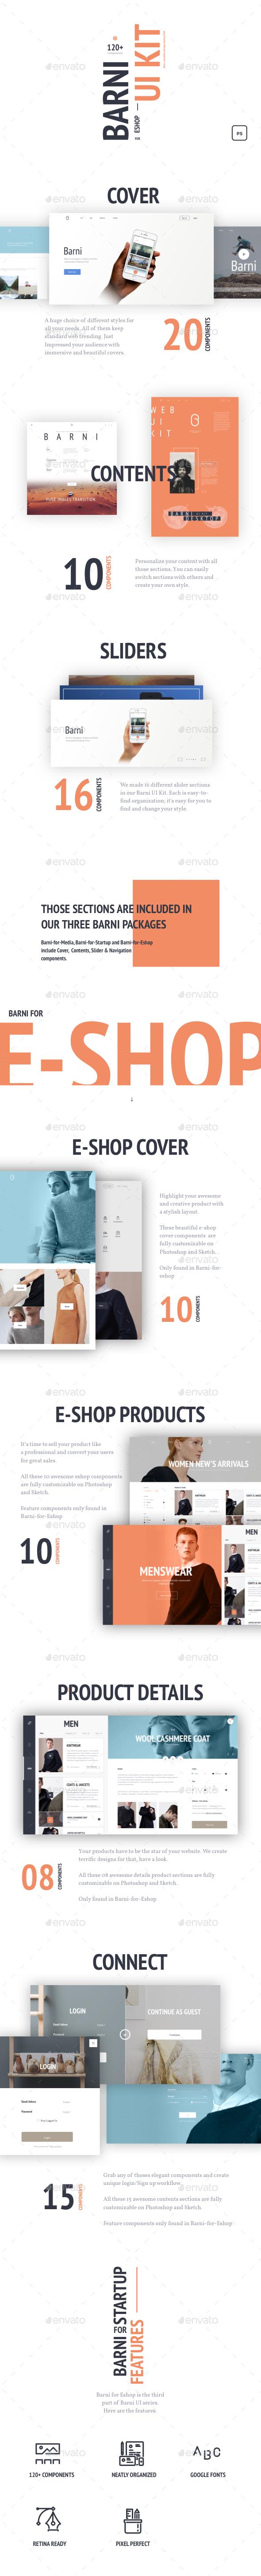 Barni for Eshop UI Kit (User Interfaces)